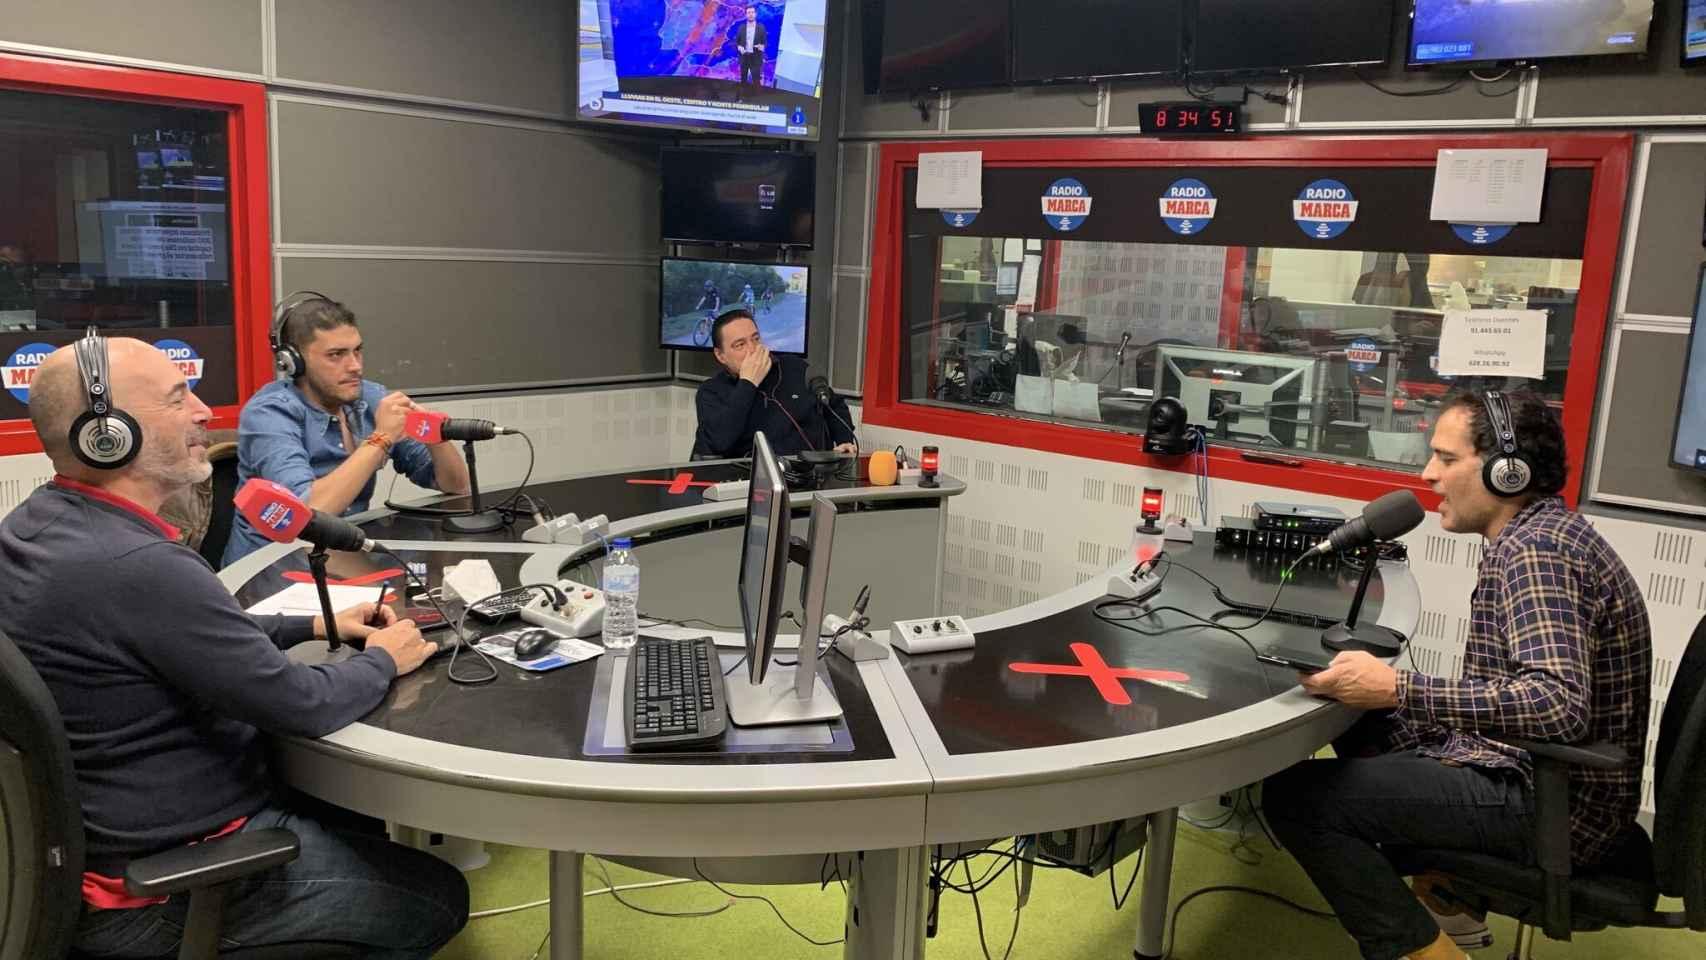 Jorge Calabrés, en el estudio de Radio MARCA junto a Antonio Sanz, Rafa Varela y David Sánchez. Foto: Twitter (@JorgeCalabres)